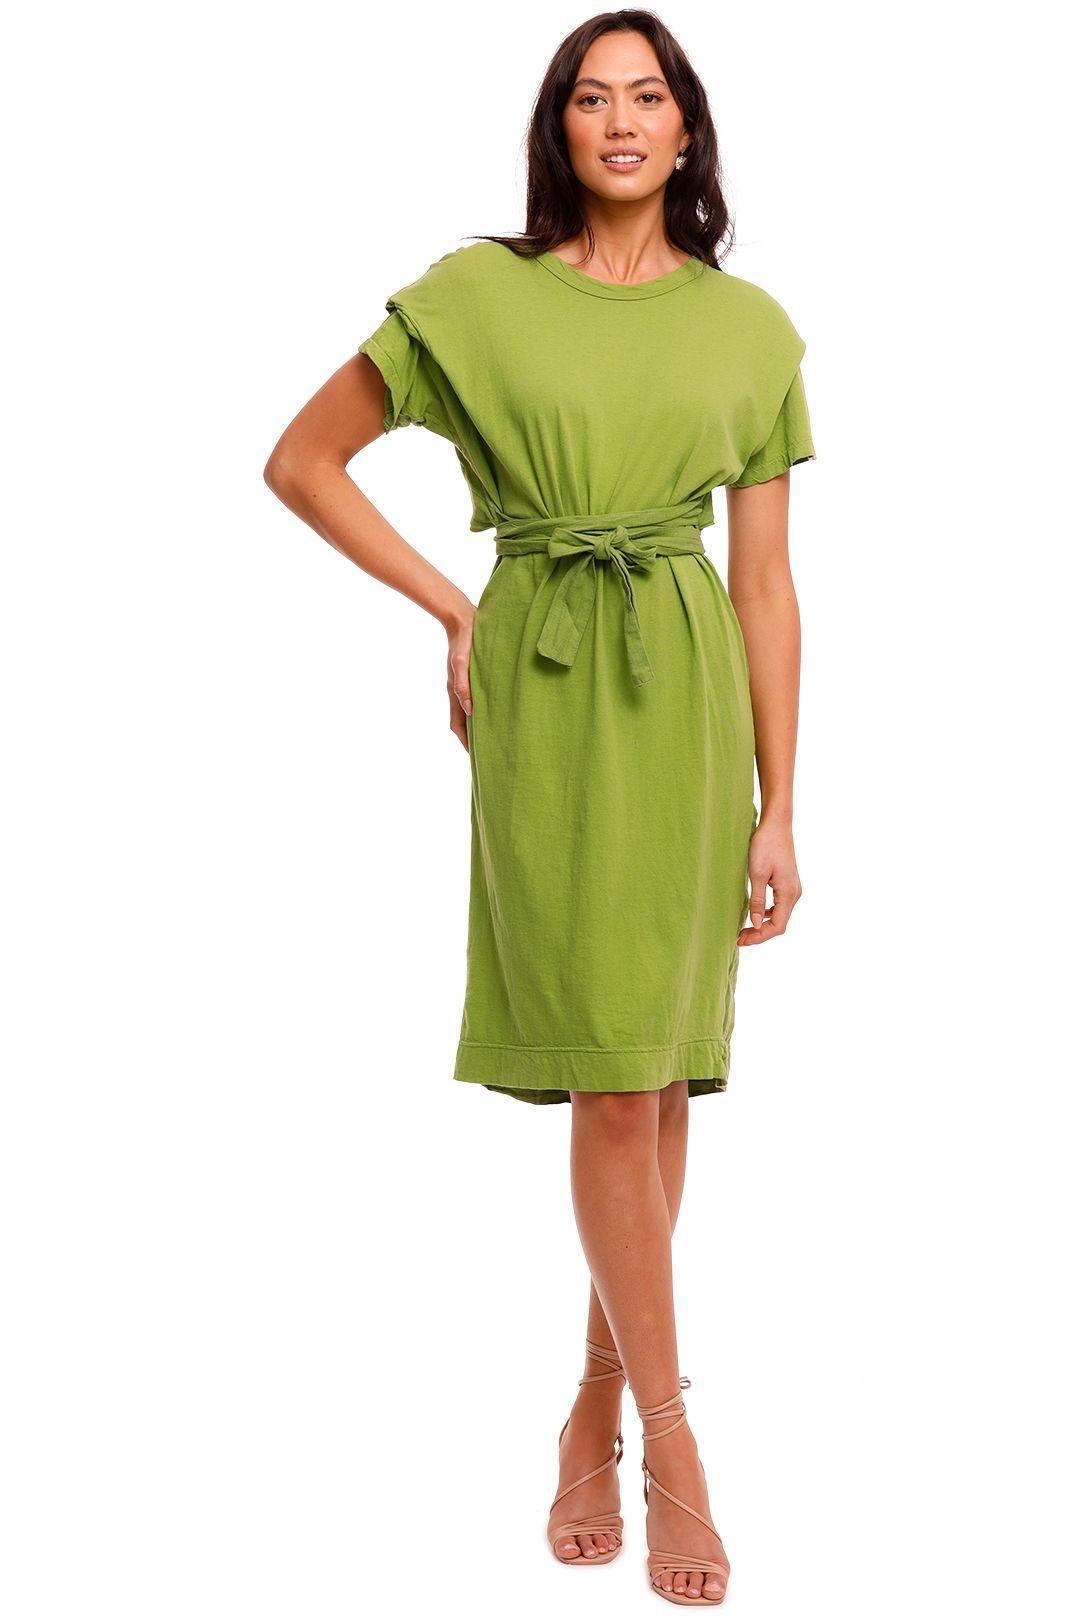 Bassike Open Back Contrast Short Sleeve Dress